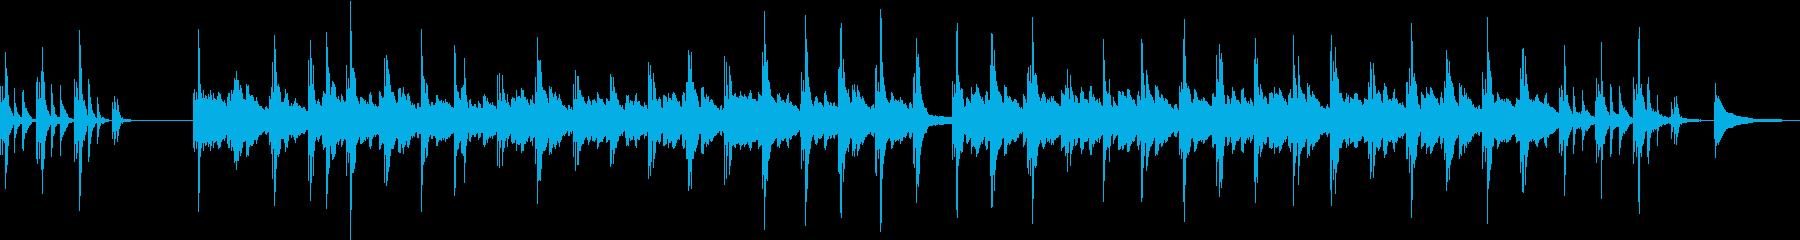 睡眠を促すヒーリングピアノの再生済みの波形